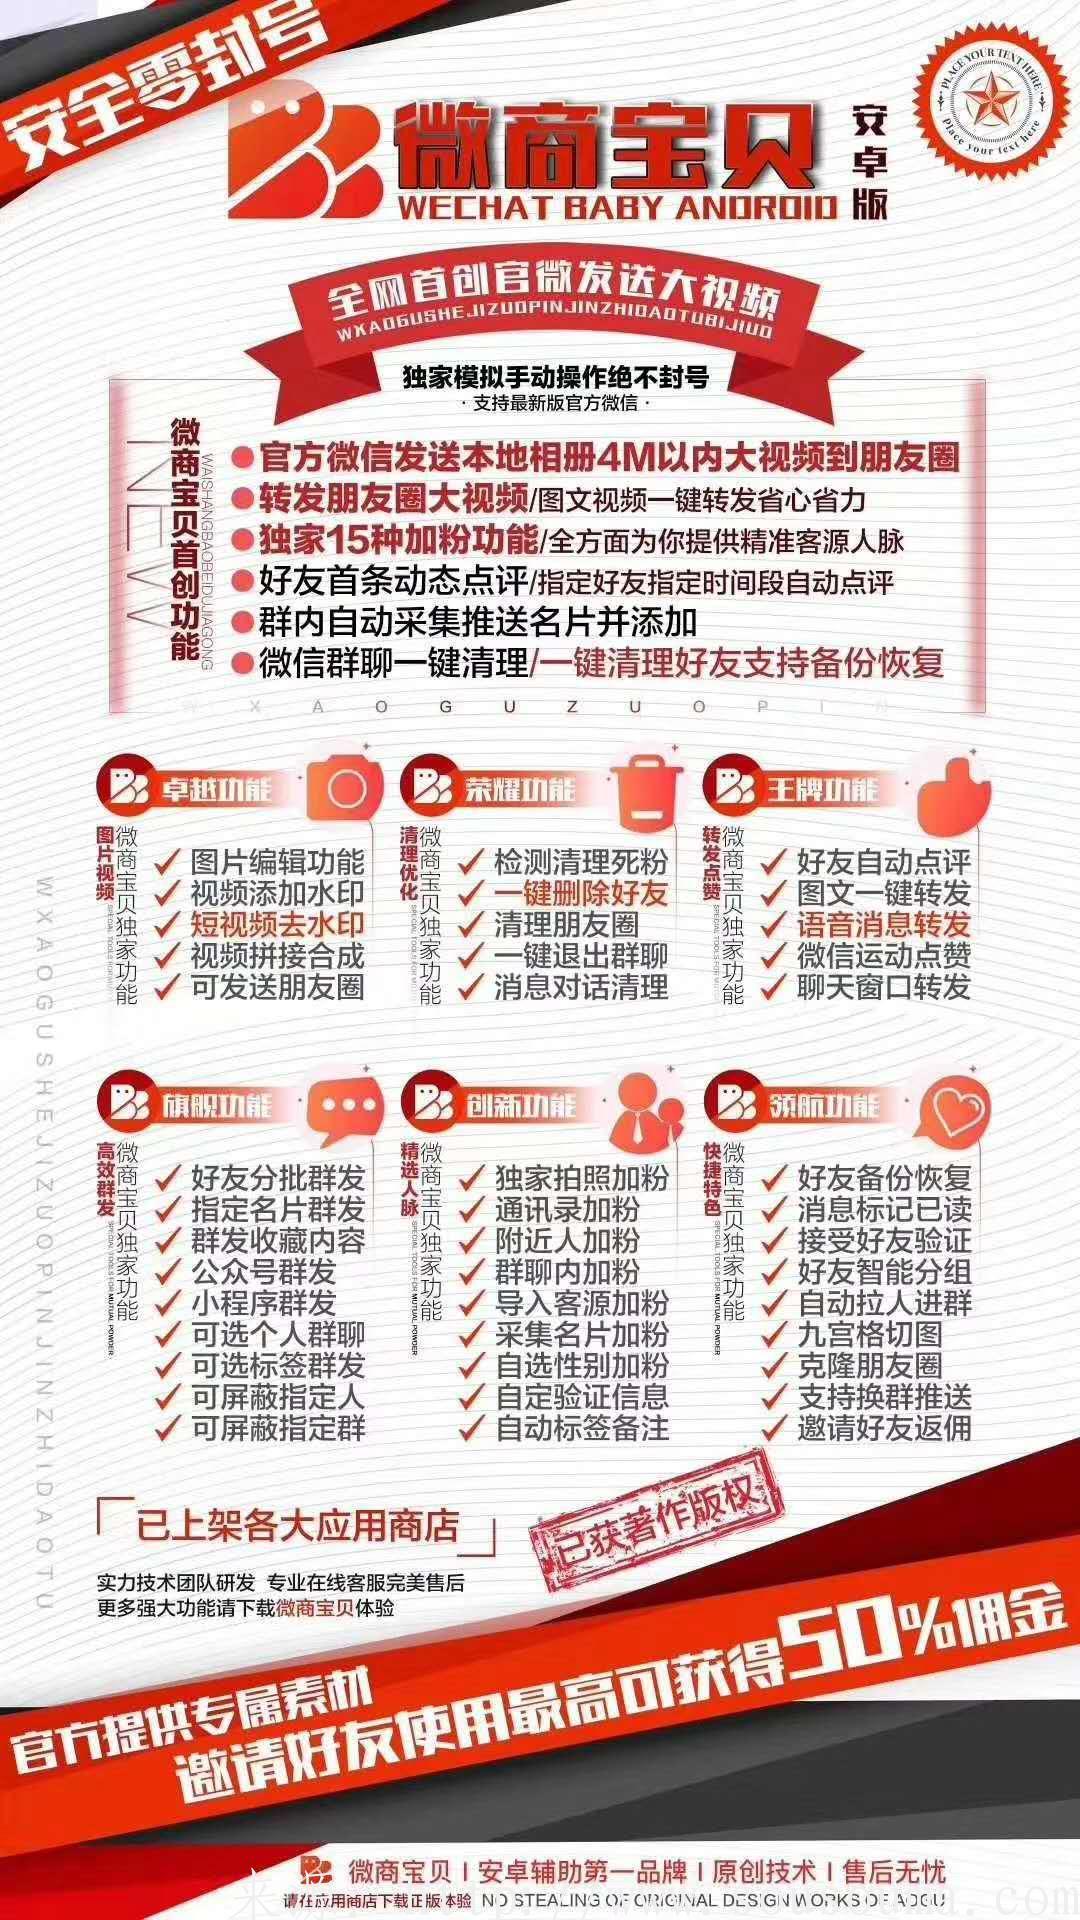 【微商宝贝官网】安卓辅助官方微信营销软件激活码商城代理